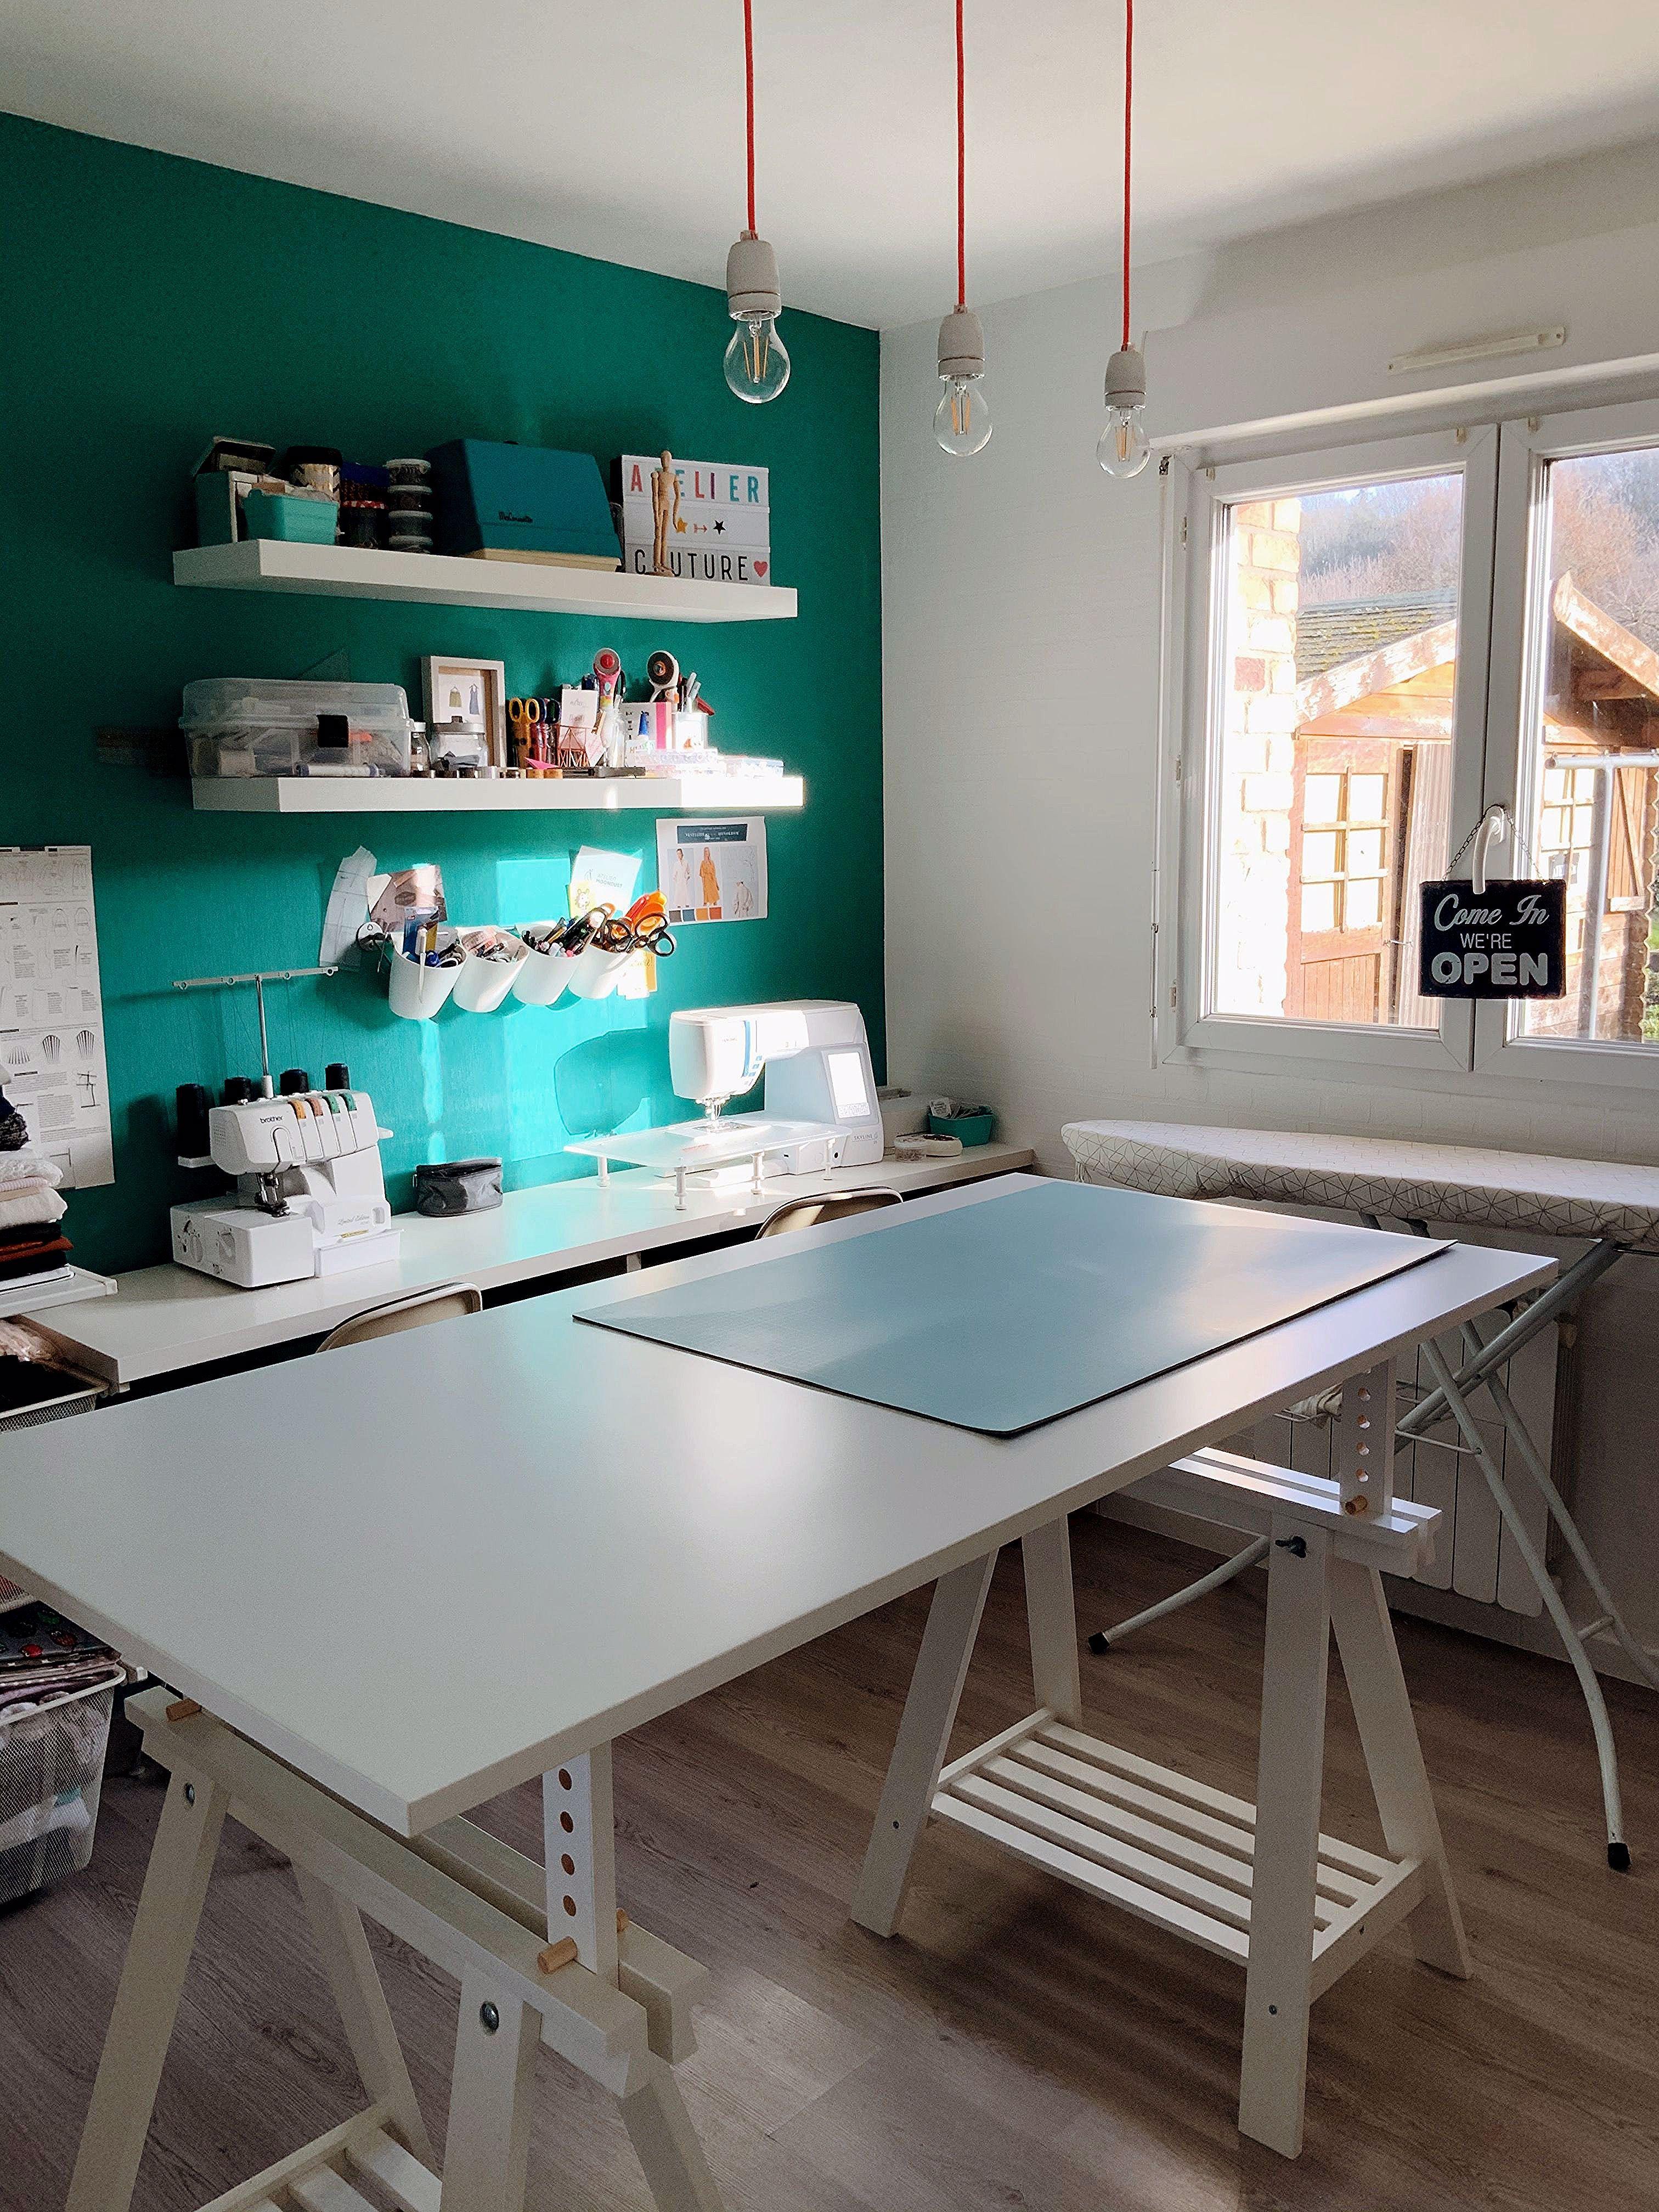 Aménagement atelier couture vestiaire12 #ateliercoutureamenagement